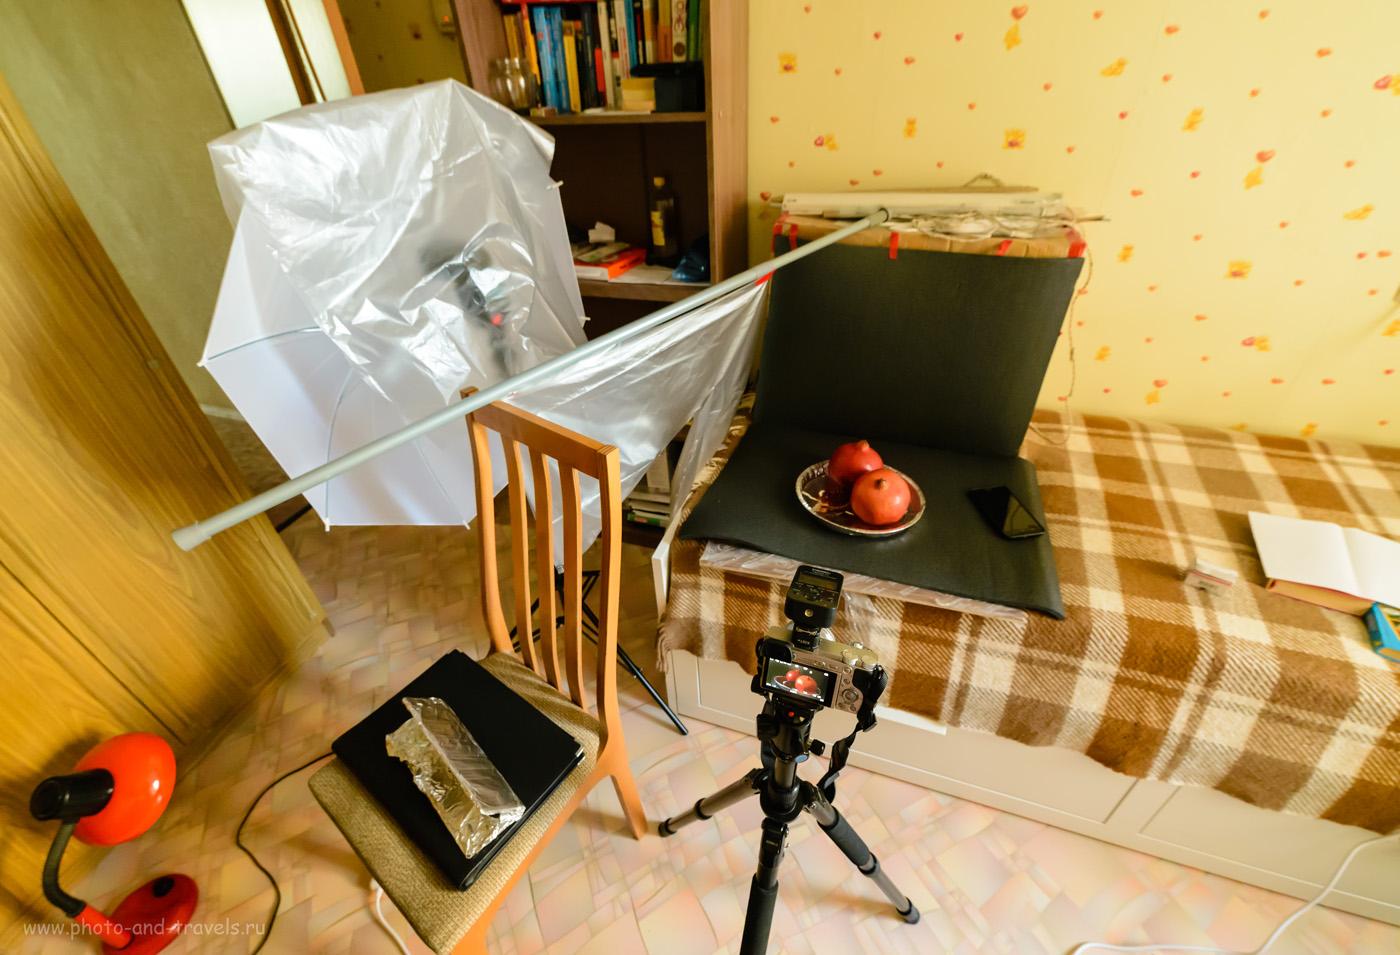 Фотография 7. Чтобы свет от нашей вспышки Yongnuo YN-685N был мягче и для имитации луча вешаем перед ней рассеиватель с прорезью. Как фотографировать с импульсным светом на беззеркалки Sony A6000 KIT 16-50mm f/3.5-5.6. Настройки: 1/13, 5.6, 6400, 14.